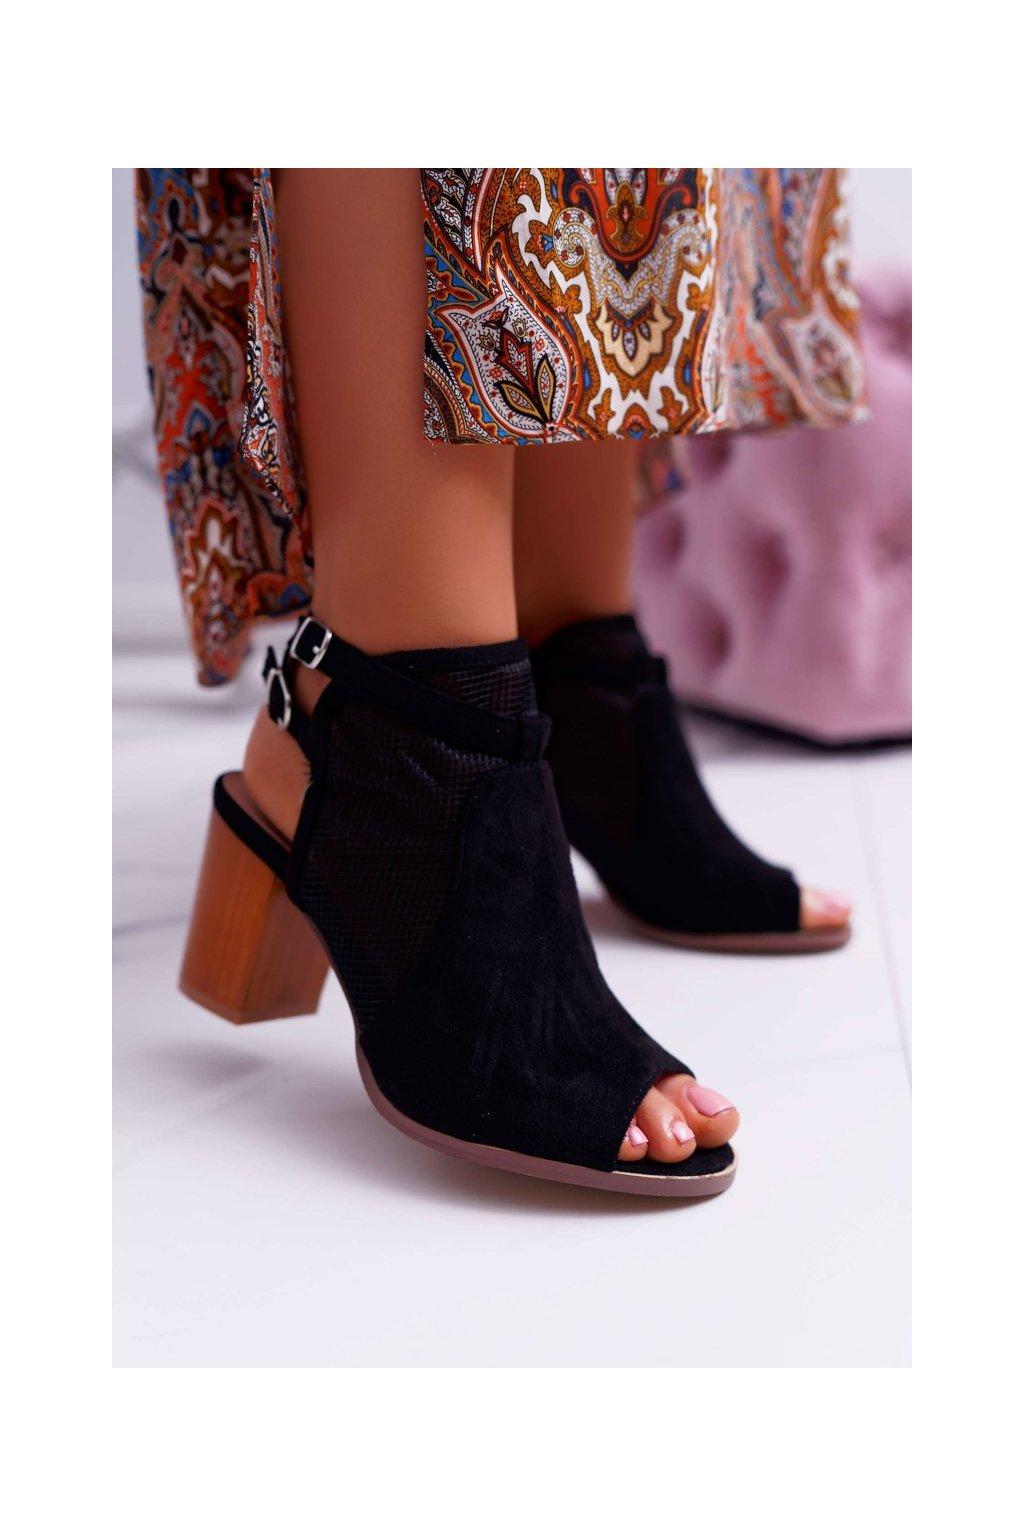 Dámske sandále na podpätku farba čierna NJSK 9PB40-0904 BLK